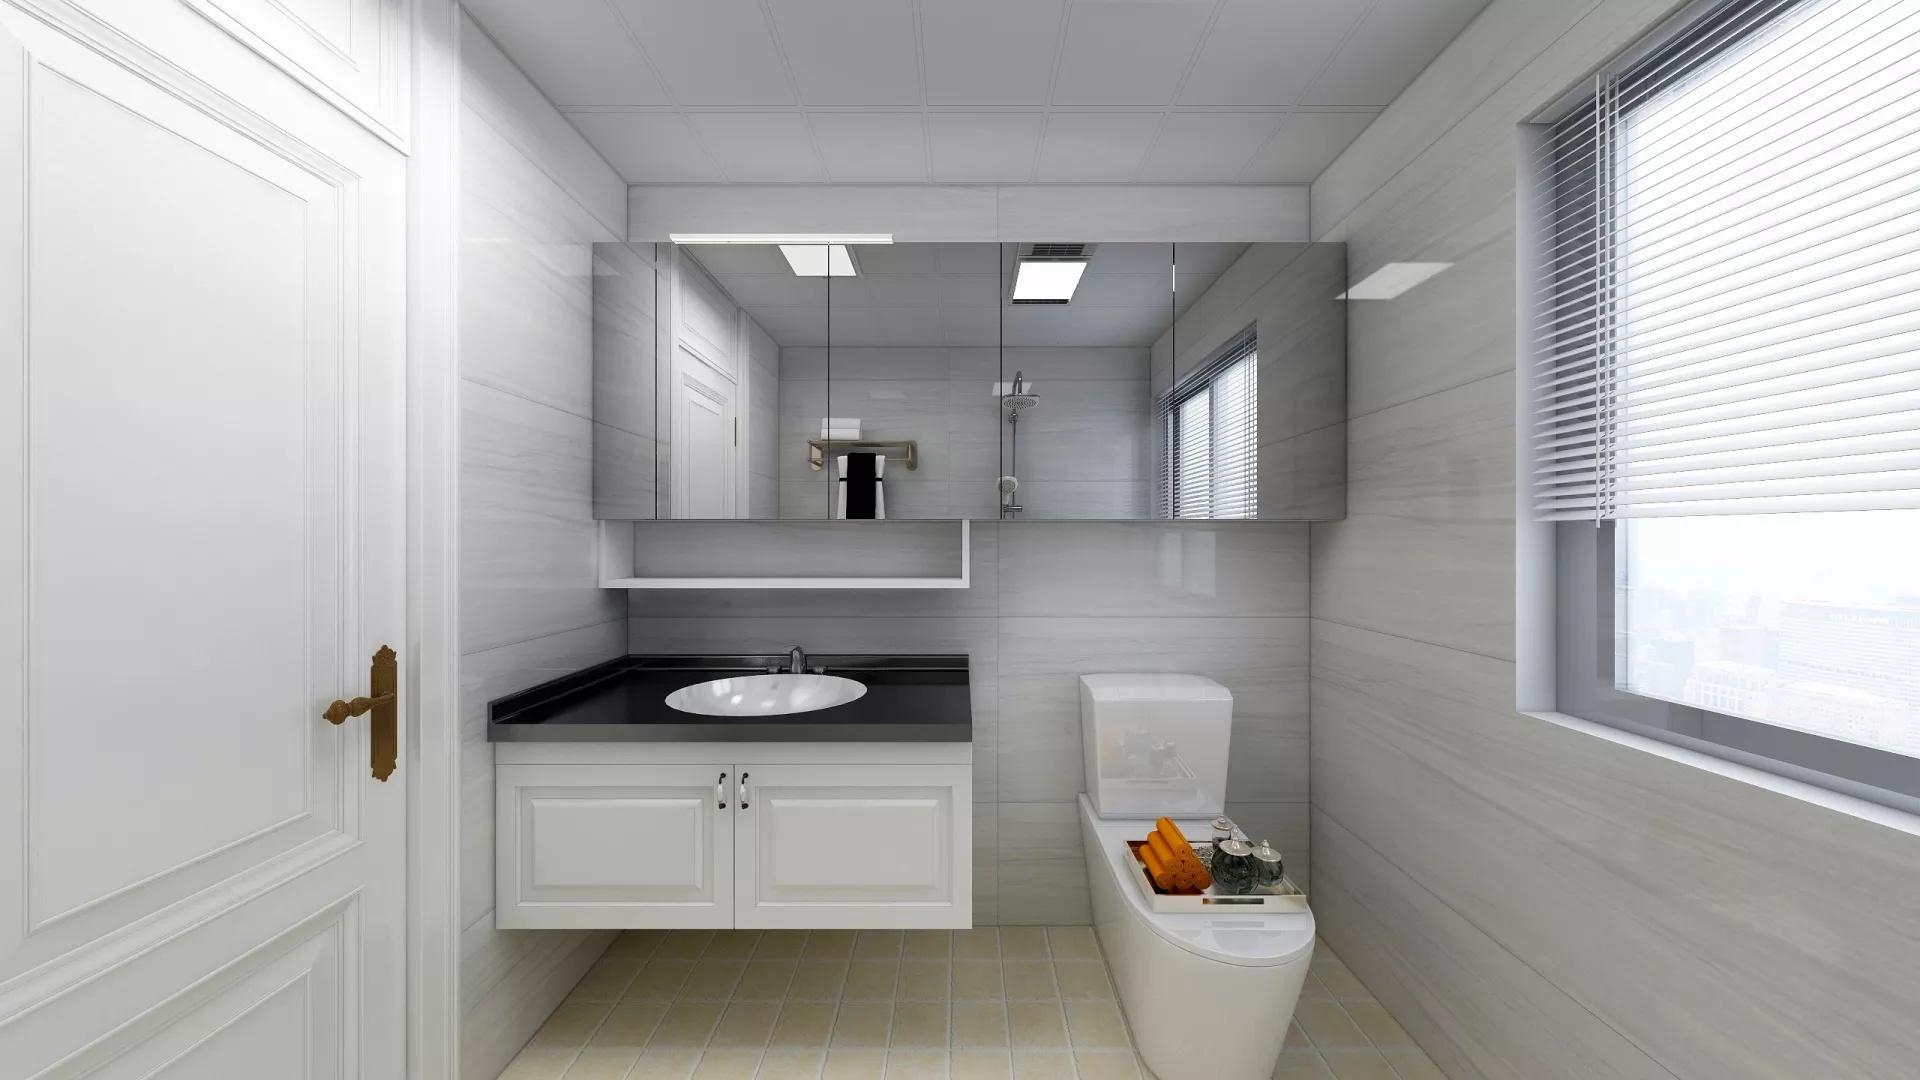 二居室简洁实用型厨房橱柜装修效果图